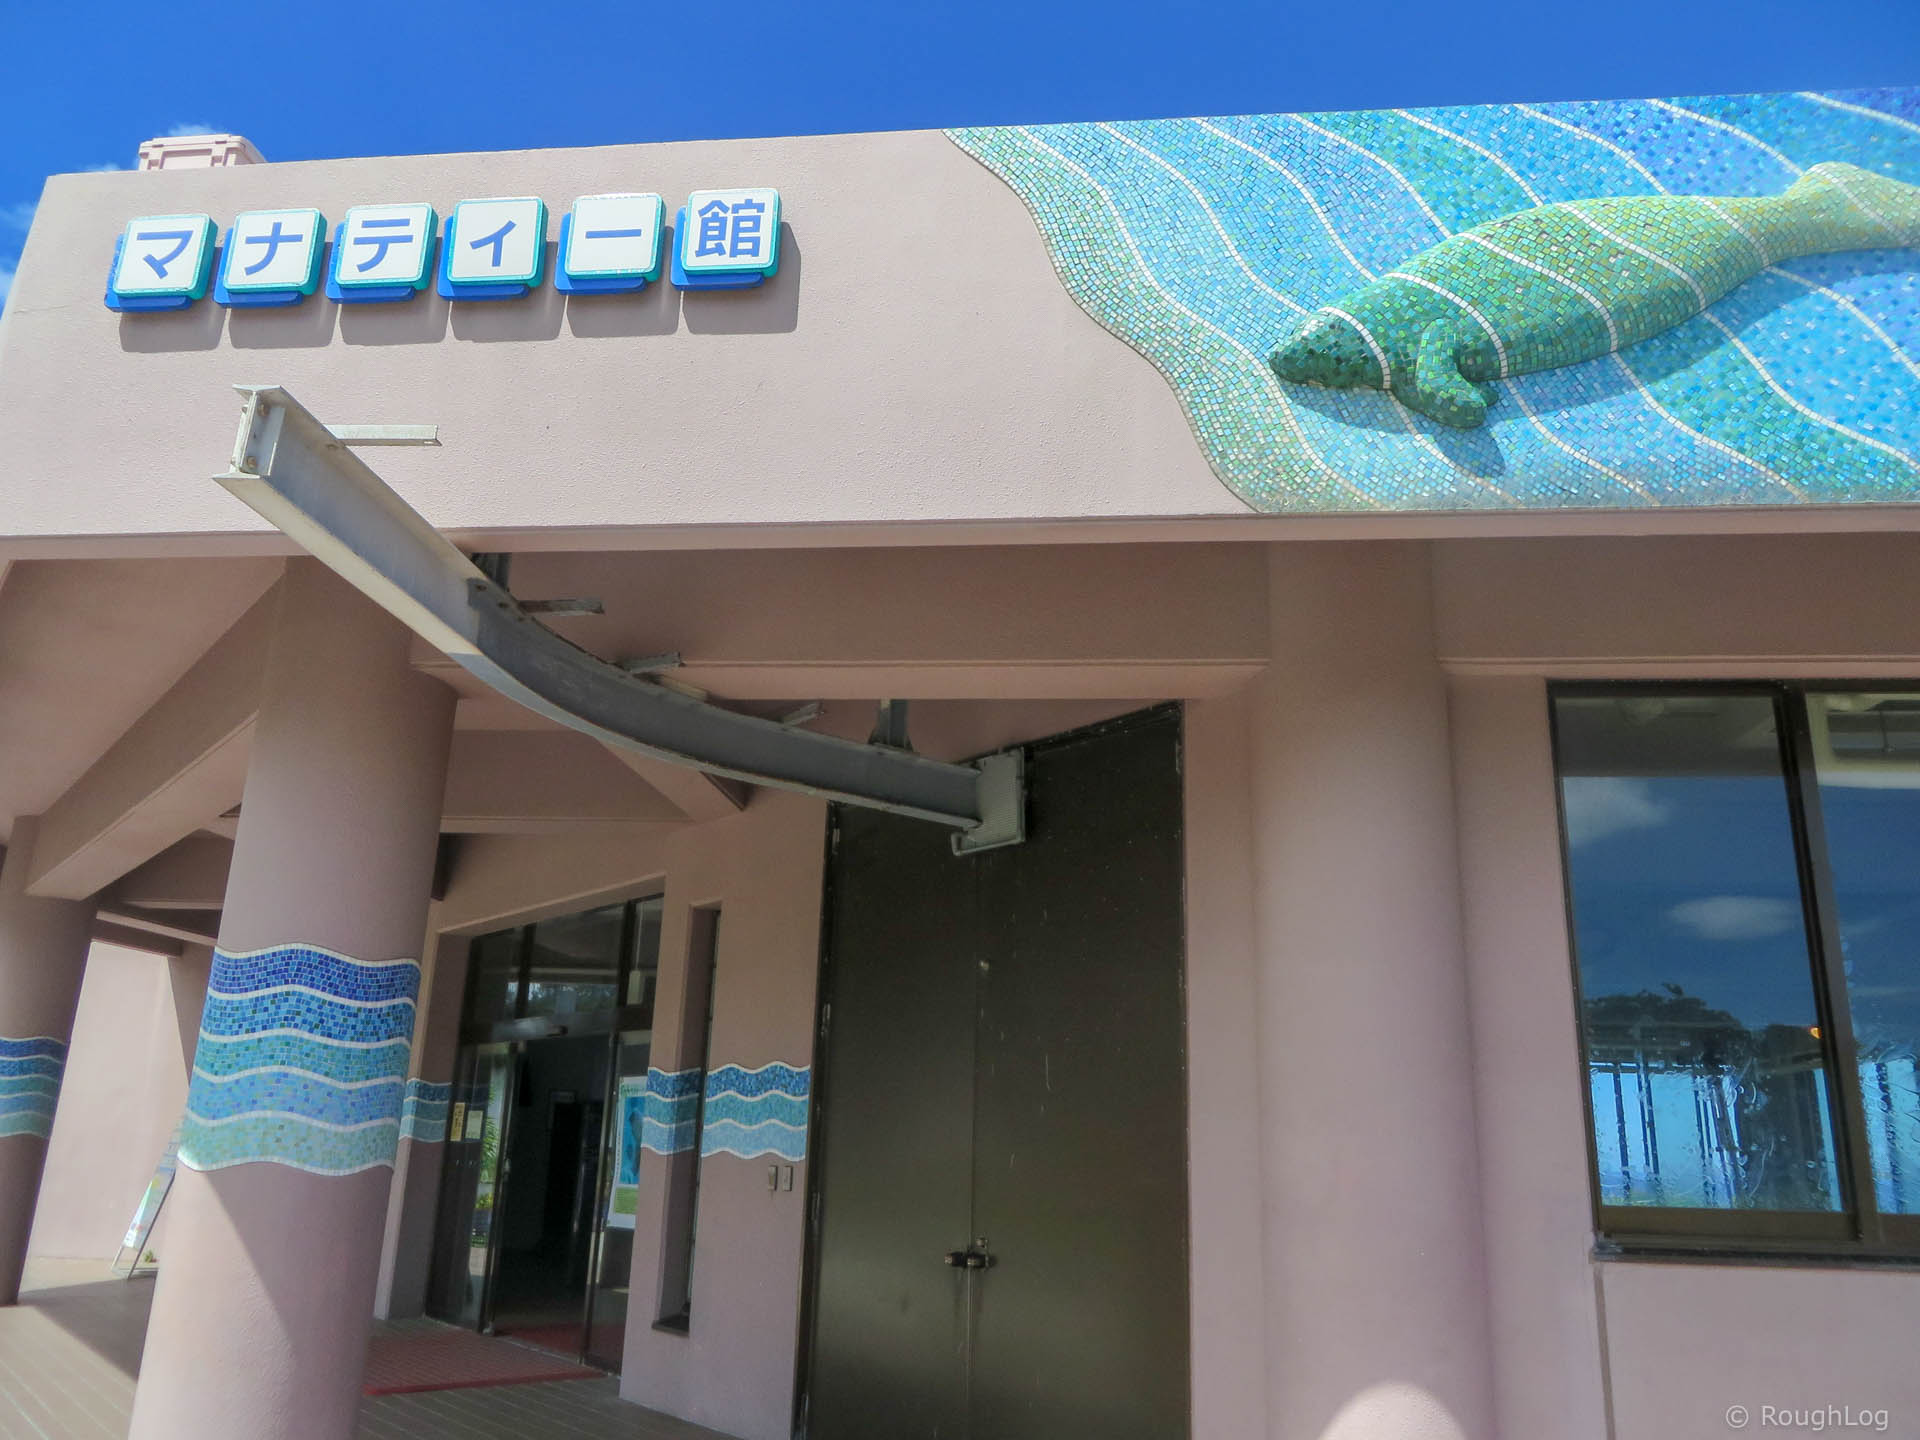 海洋博公園マナティー館